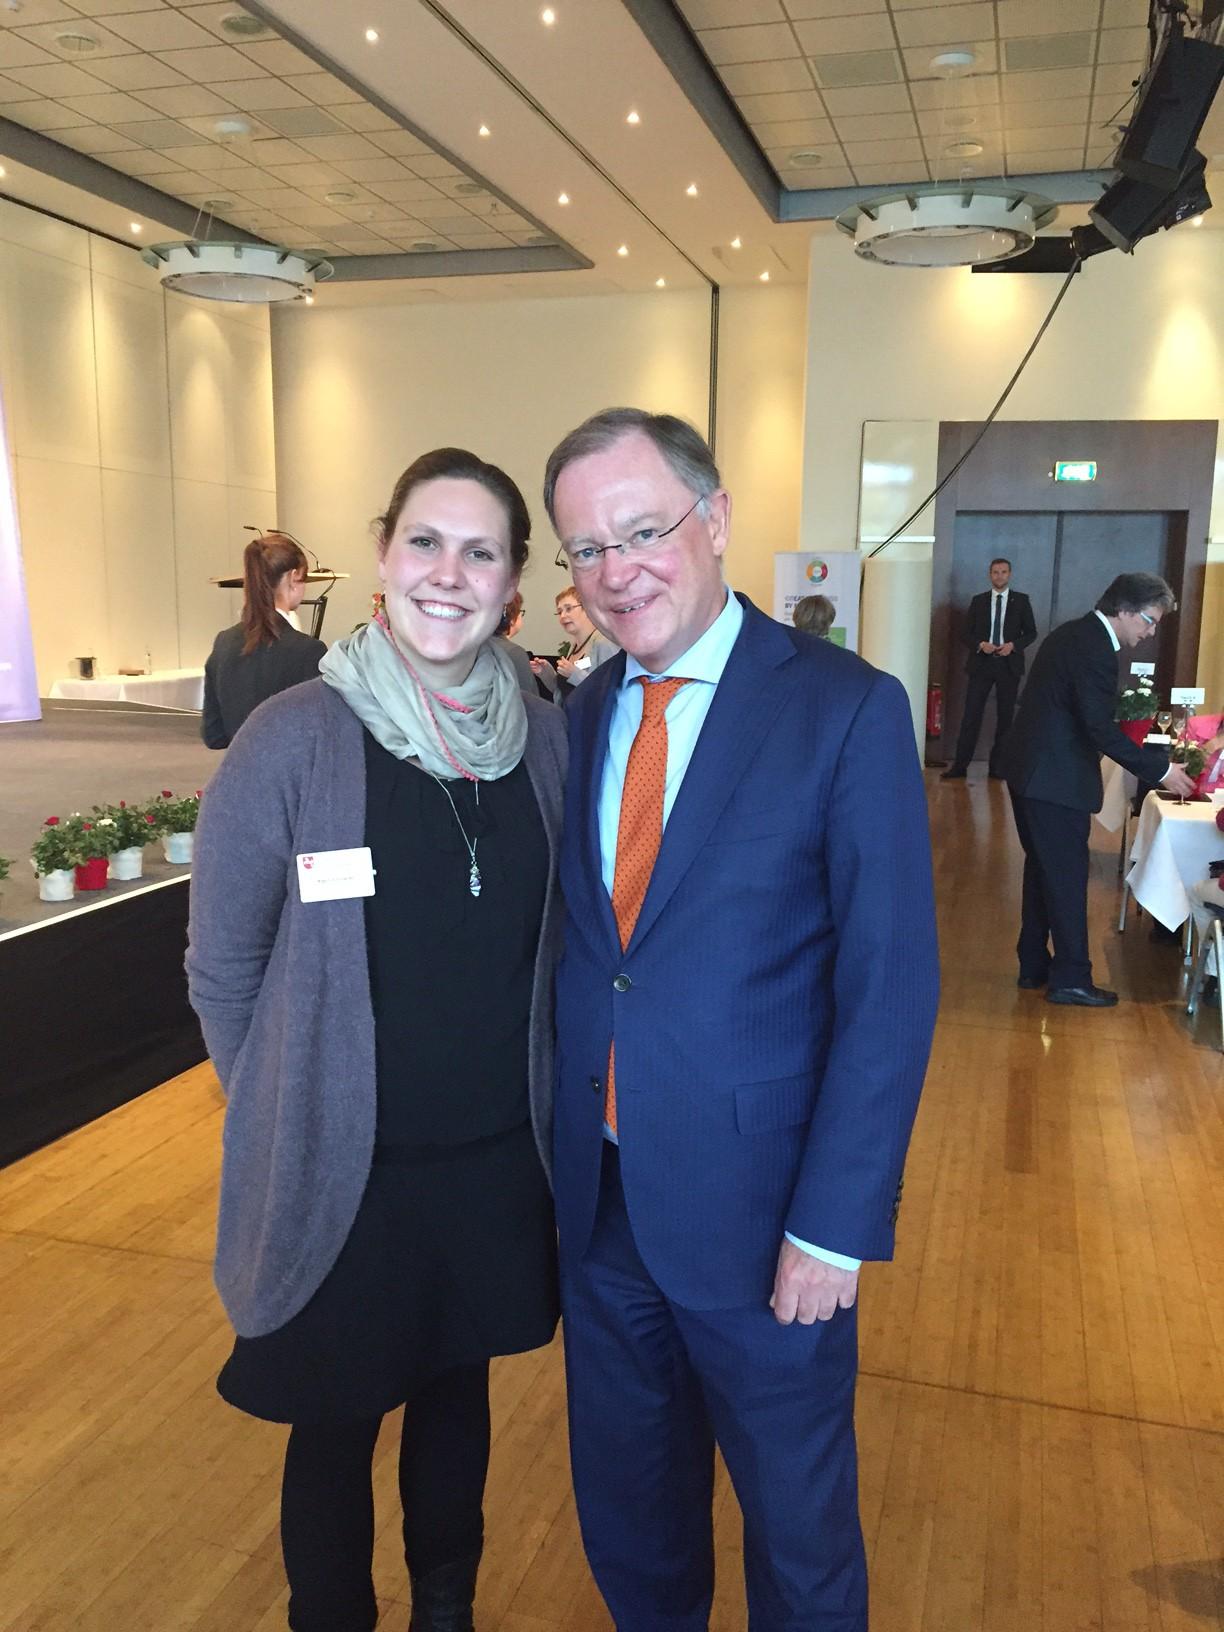 Anja Schirrmacher erhält den Ehrenamtspreis des Landes Niedersachsen